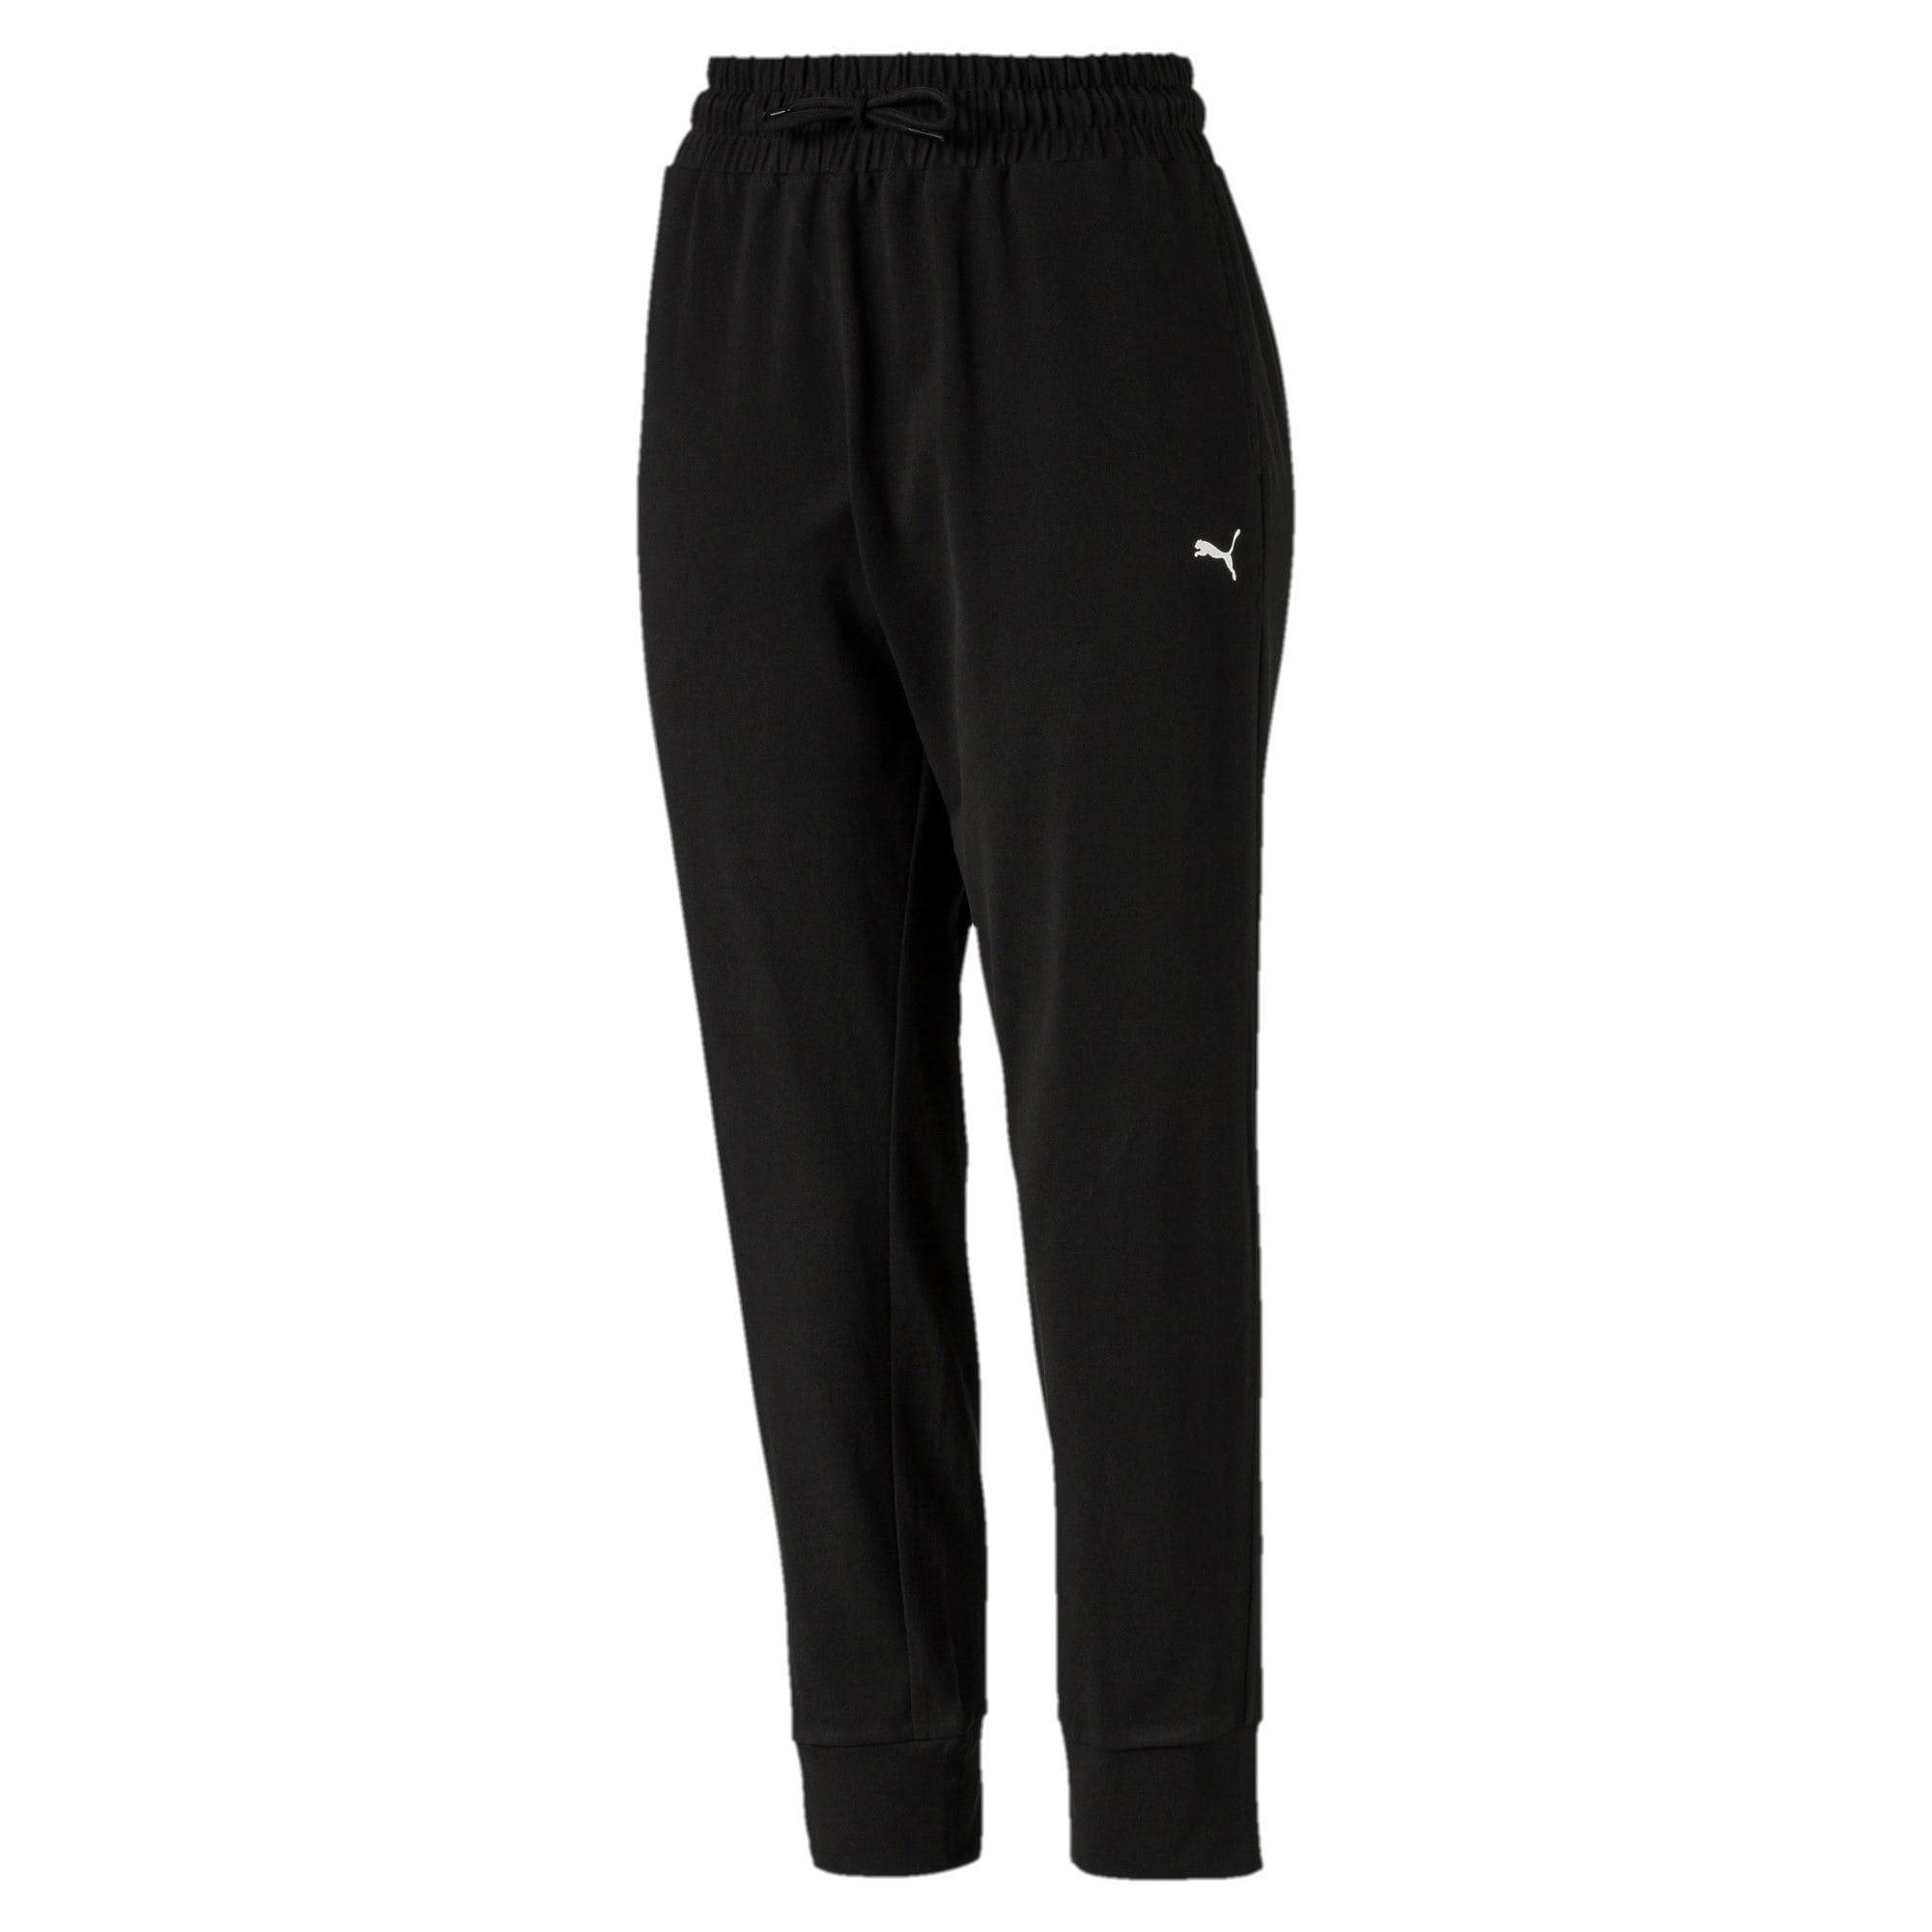 Miniatura 1 de Pantalones de verano para mujer, Cotton Black, mediano